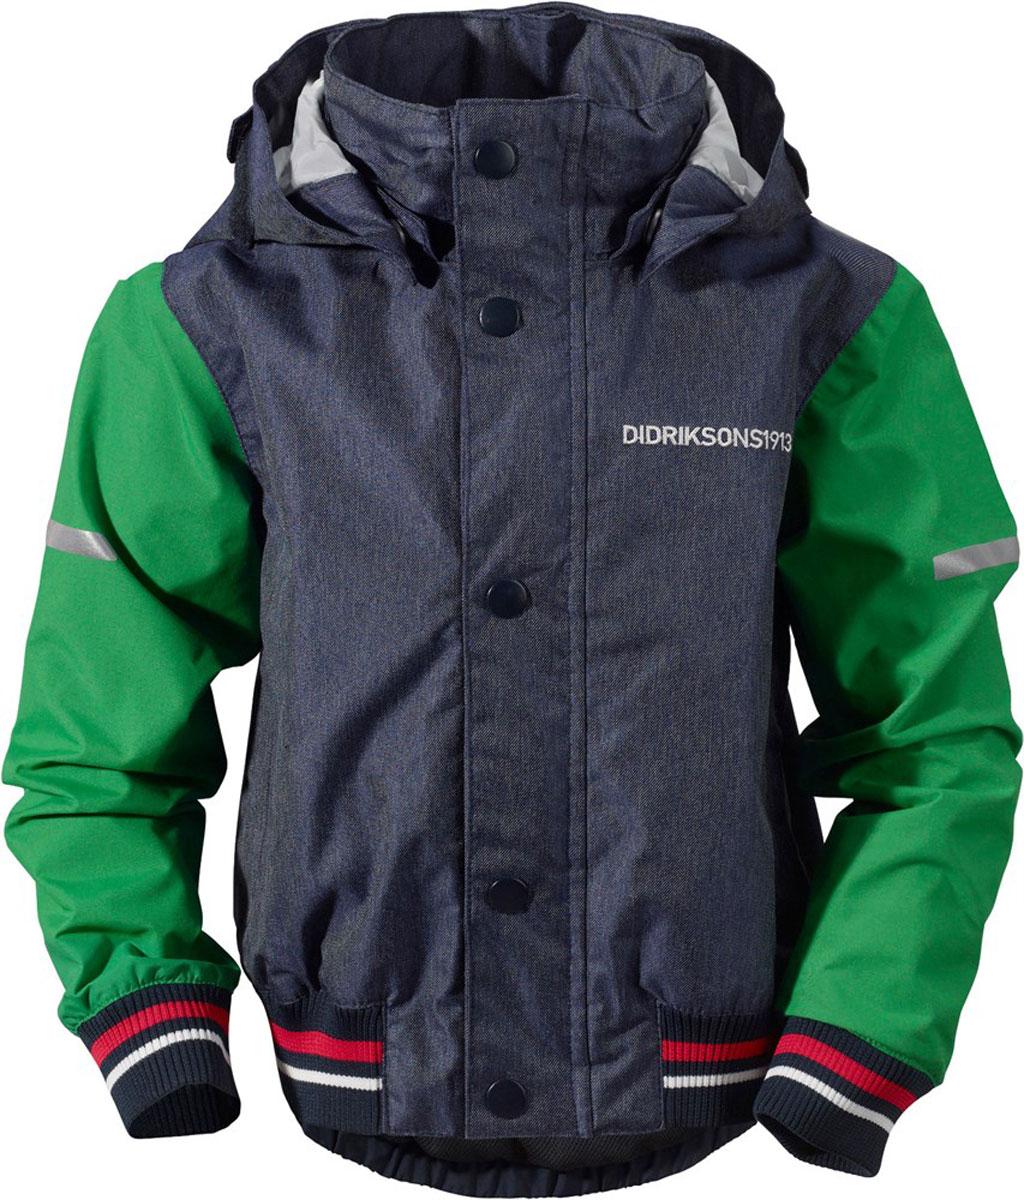 Куртка500786_188Детская куртка в стиле бомбер выполнена из непромокаемой и непродуваемой мембранной ткани. Спереди расположены скрытые карманы. Съемный капюшон. Регулируемые манжеты и низ изделия. Светоотражатели. Модель растет вместе с ребенком: уникальный крой изделия позволяет при необходимости увеличить длину рукавов на один размер, распустив специальный внутренний шов. Рассчитана на температуру от +10 до +18.